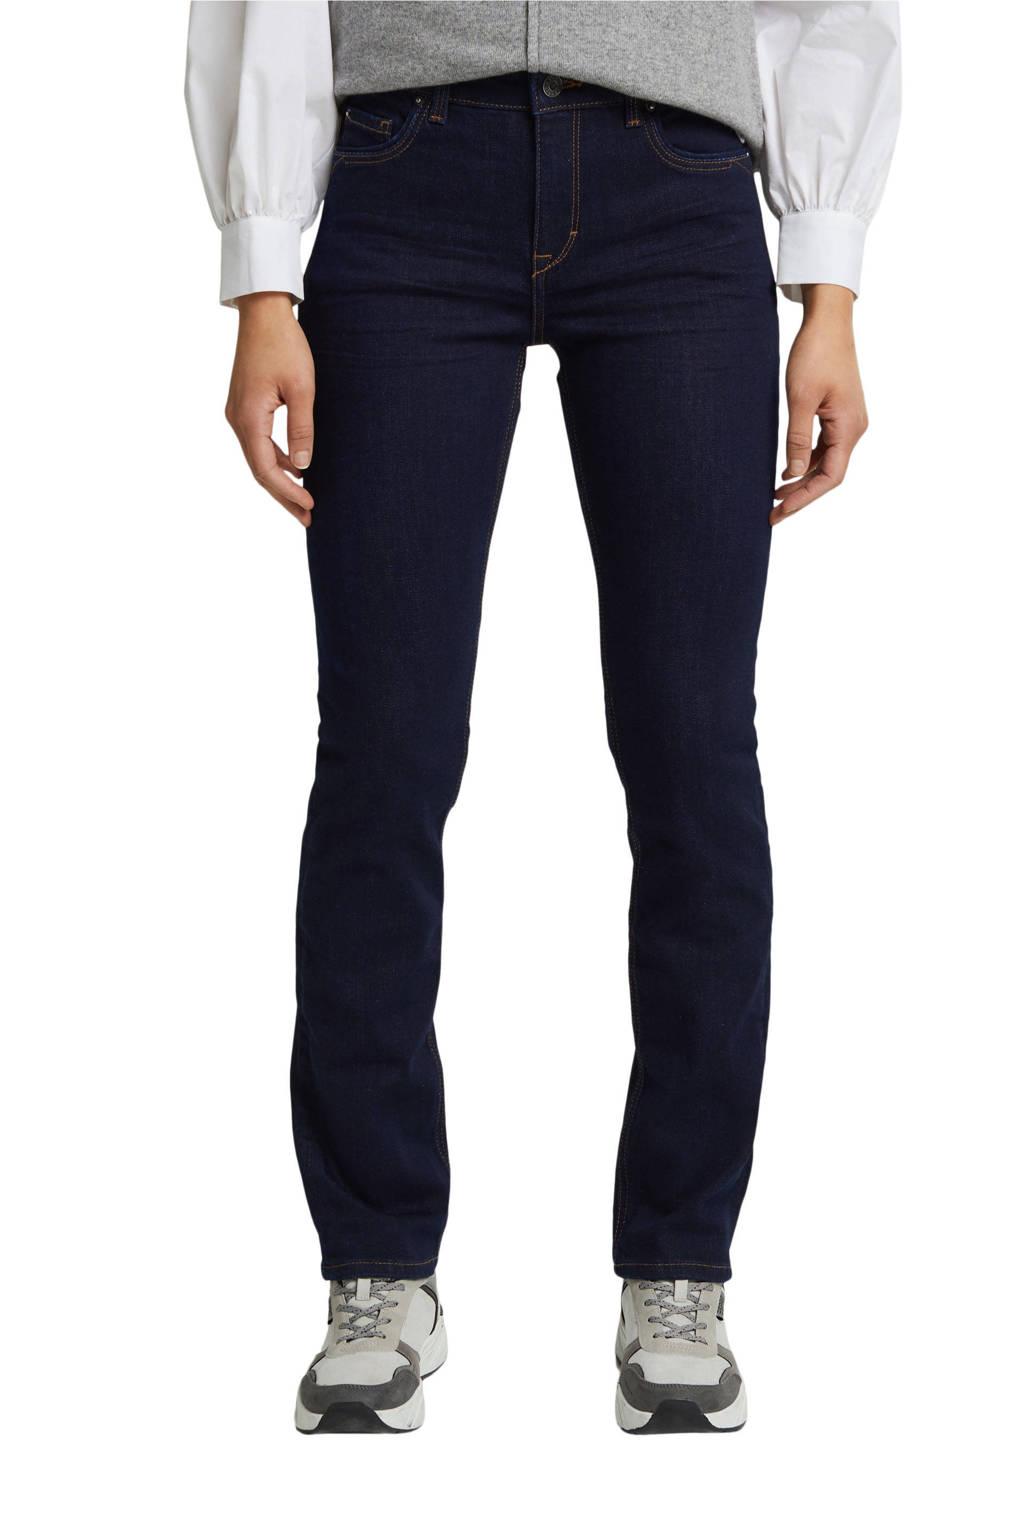 ESPRIT Women Casual straight fit jeans dark denim, Dark denim